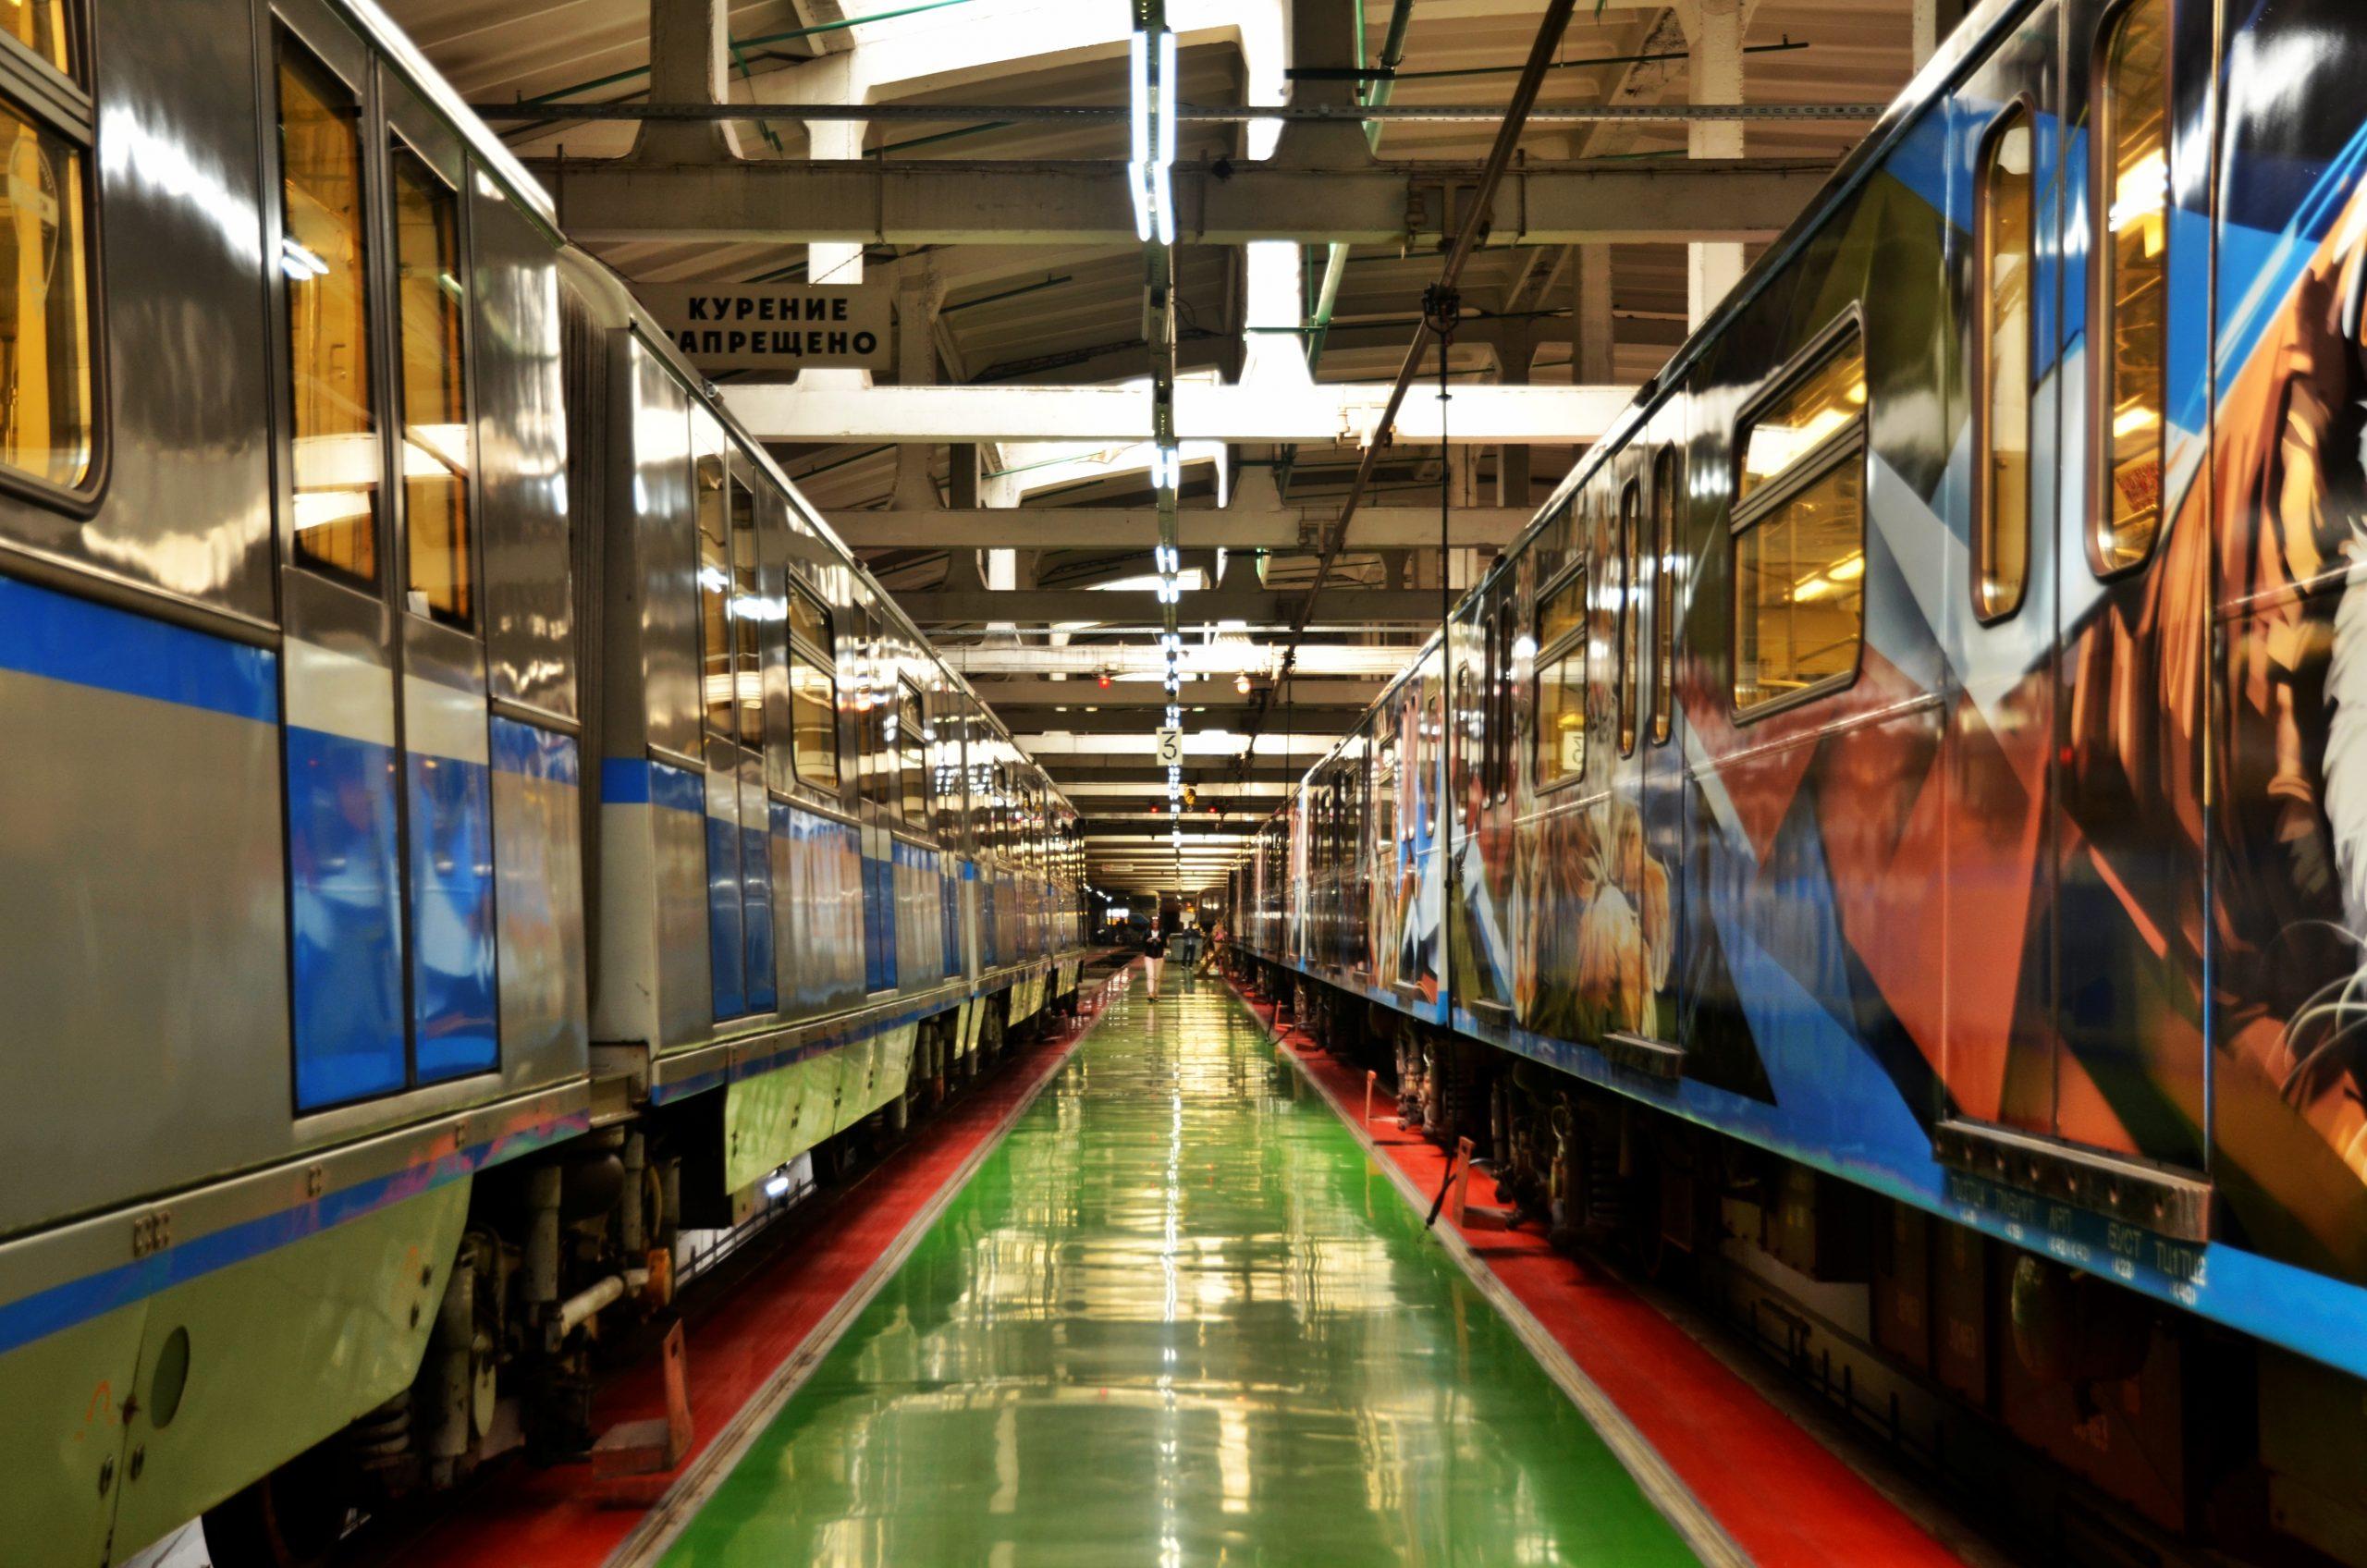 Развитие сети депо столичного метрополитена создаст новые рабочие места. Фото: Анна Быкова